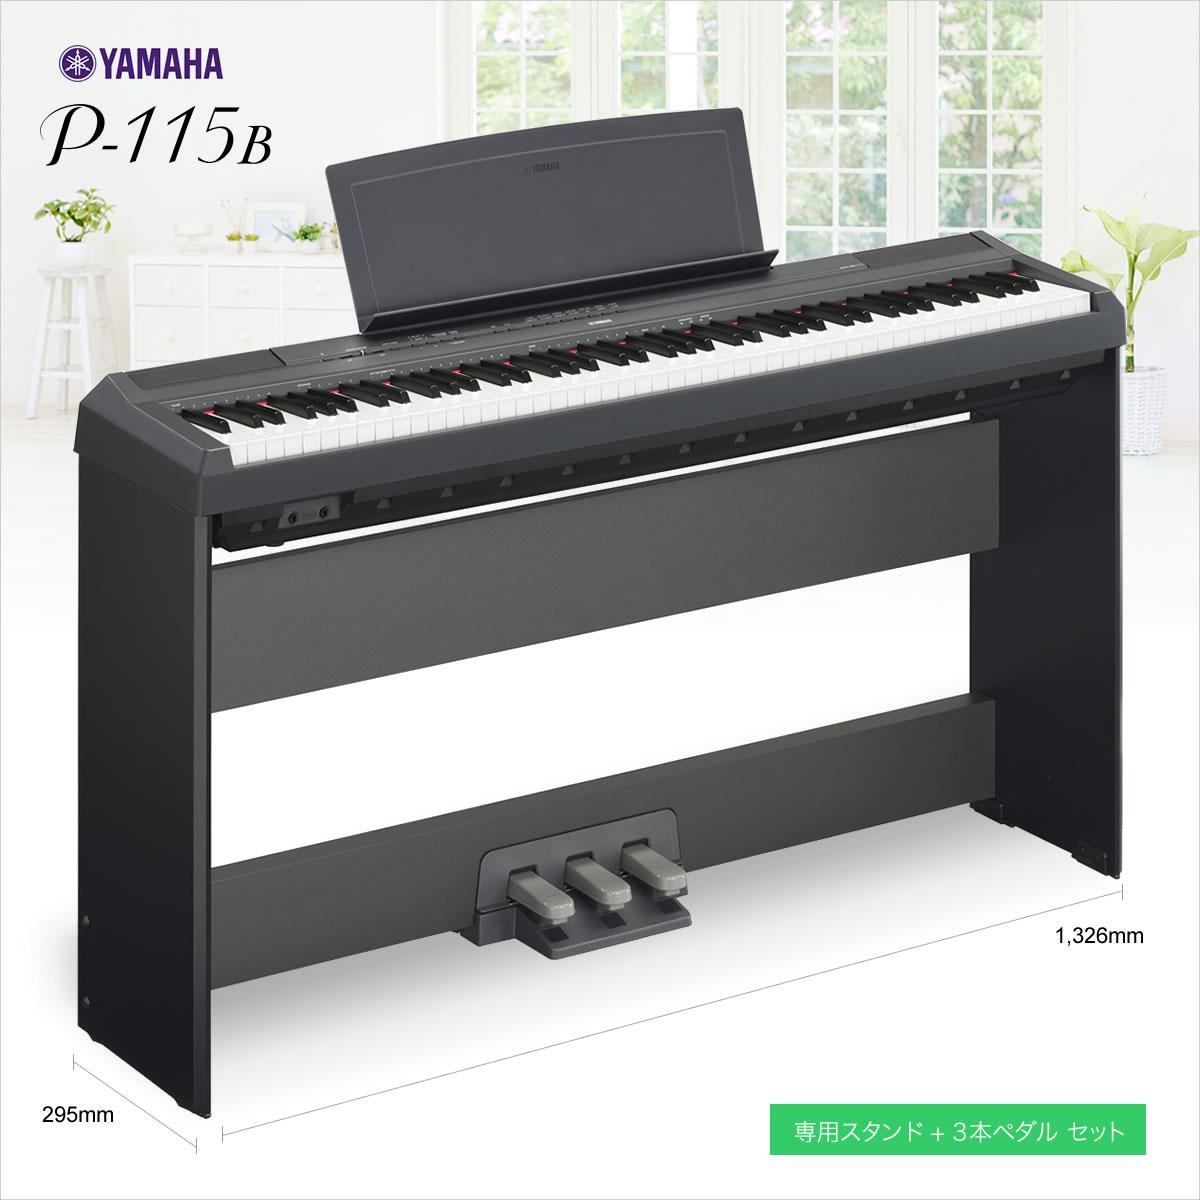 YAMAHA P-115B ブラック & 専用スタンド(3本ペダル付)セット 電子ピアノ 88鍵盤 【ヤマハ P115】 【オンライン限定】【別売り延長保証対応プラン:E】